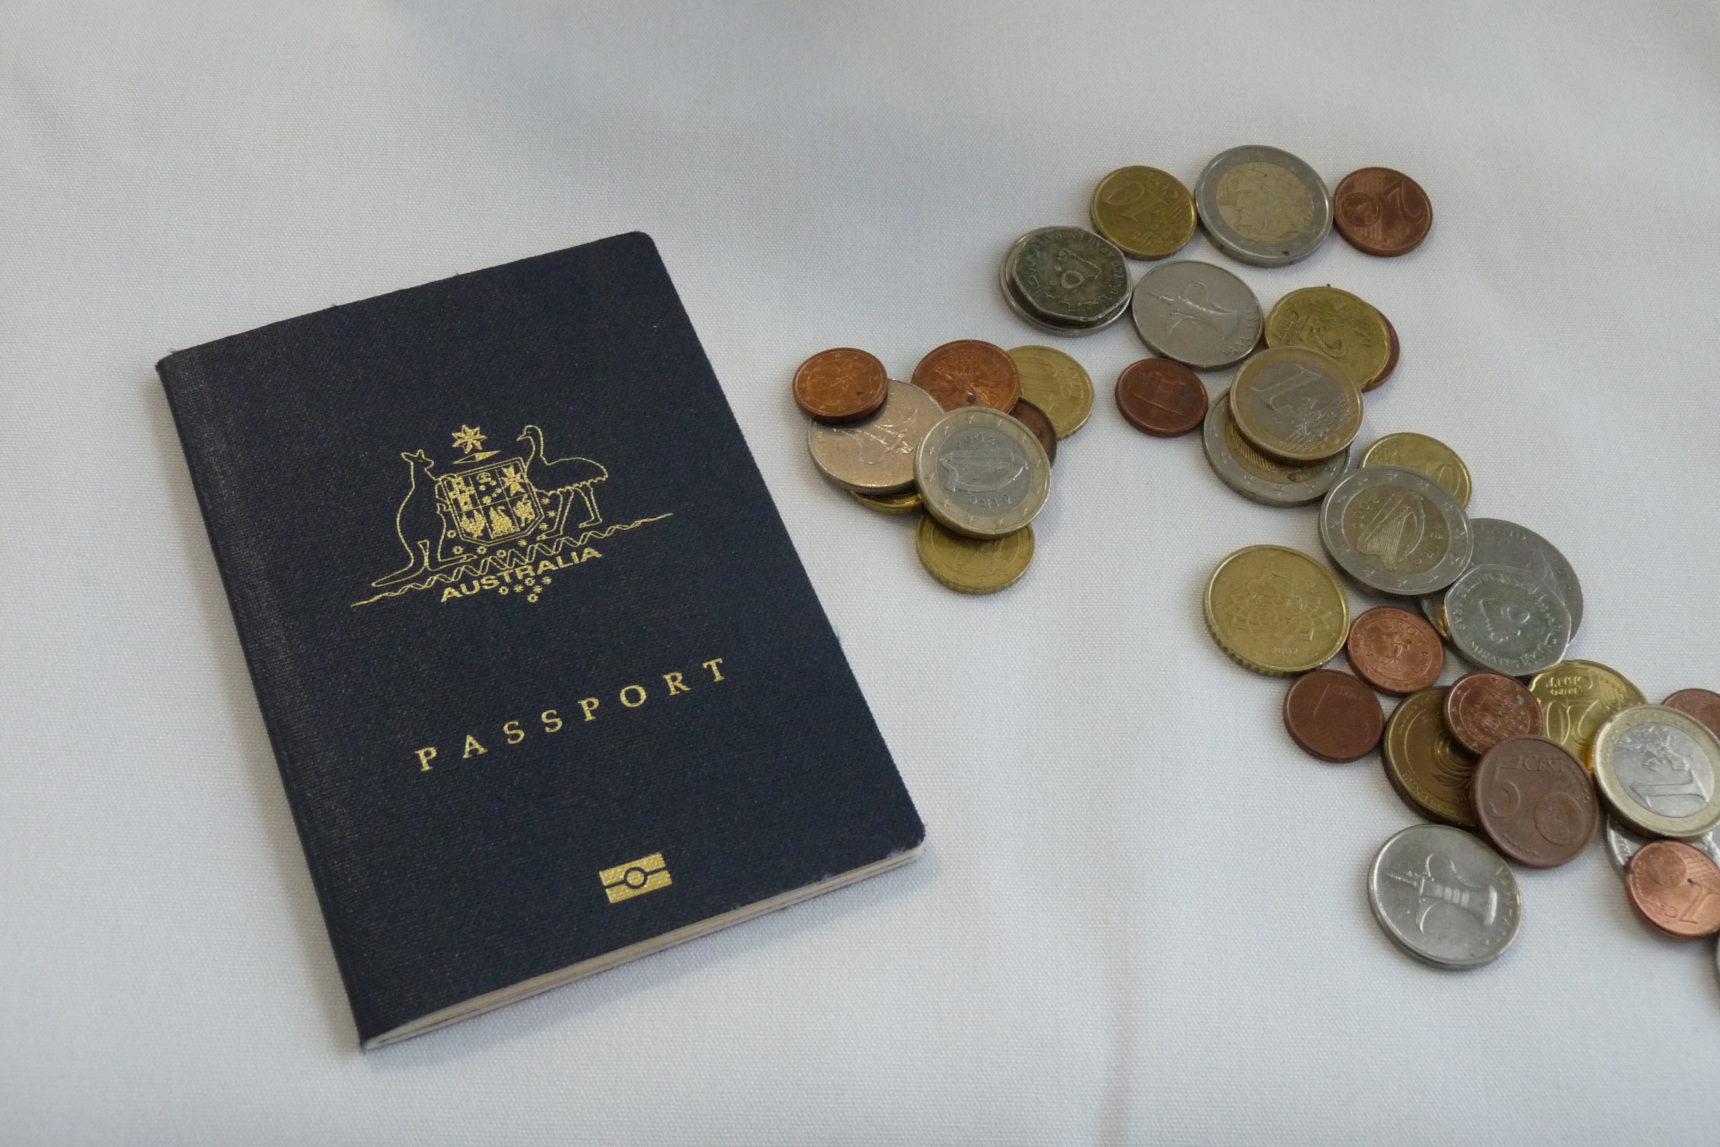 Patrick rowan raises funds for Geelong's Christ Church Meals Program